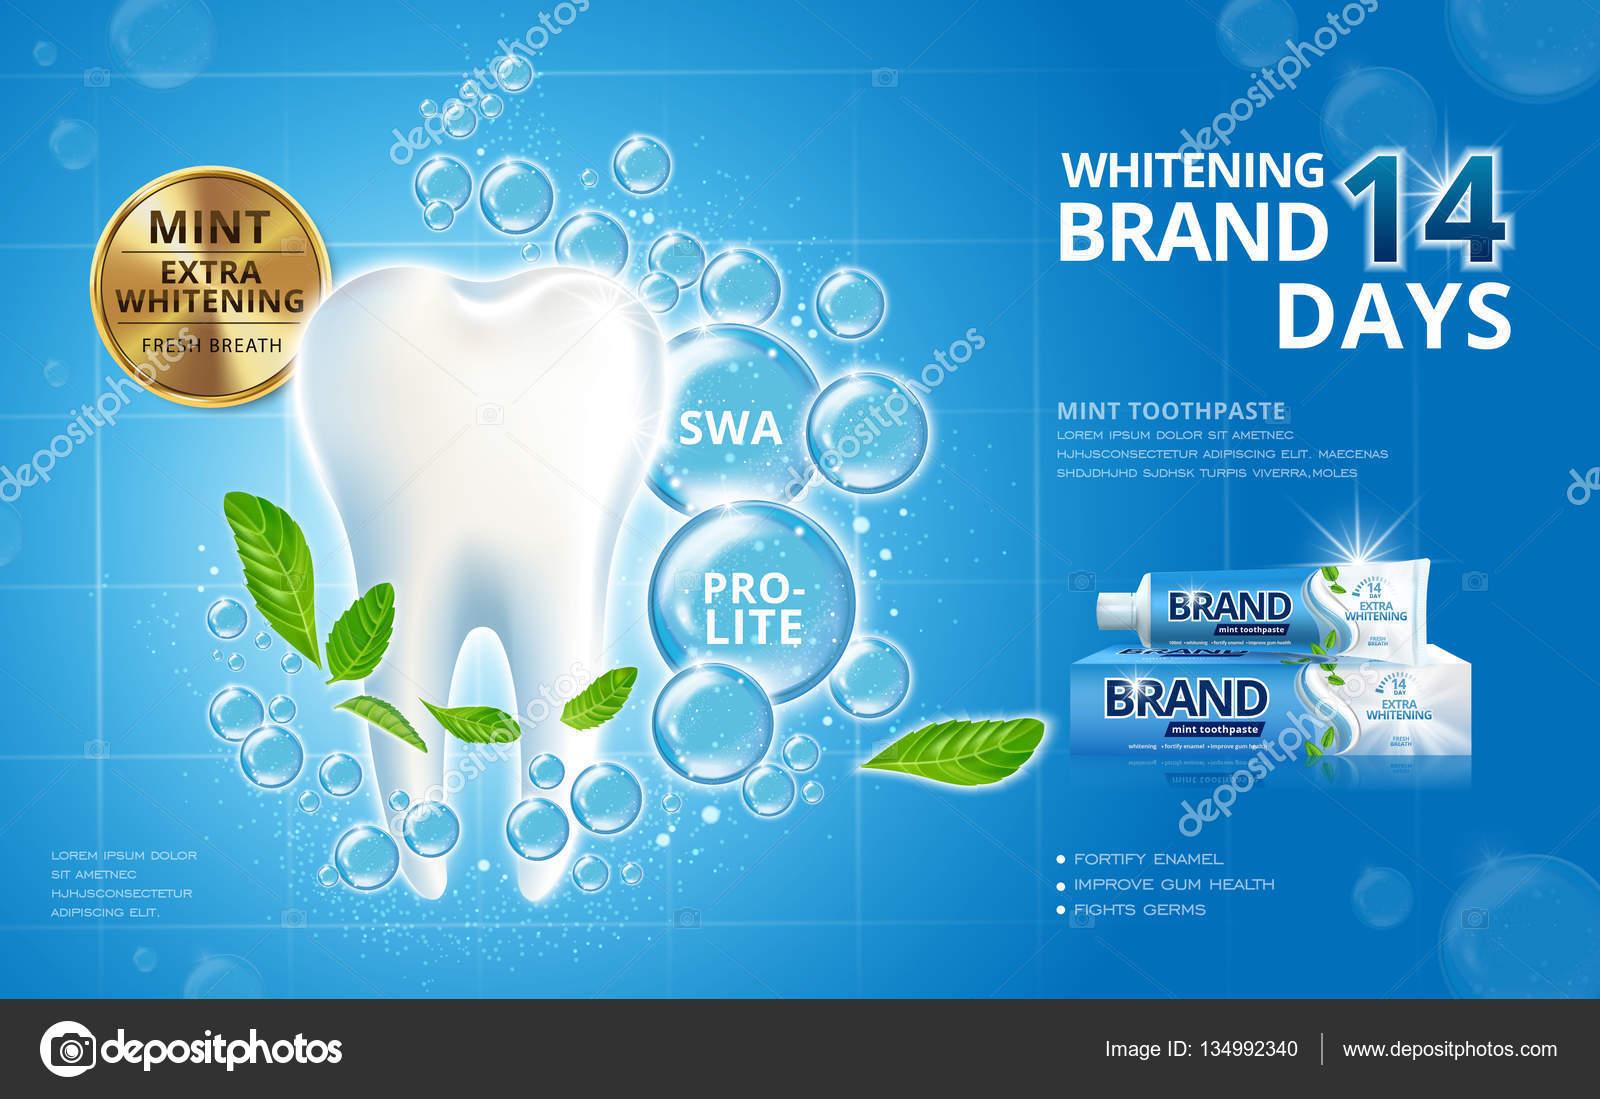 Anuncios De Creme Dental Clareador Vetores De Stock C Hstrongart